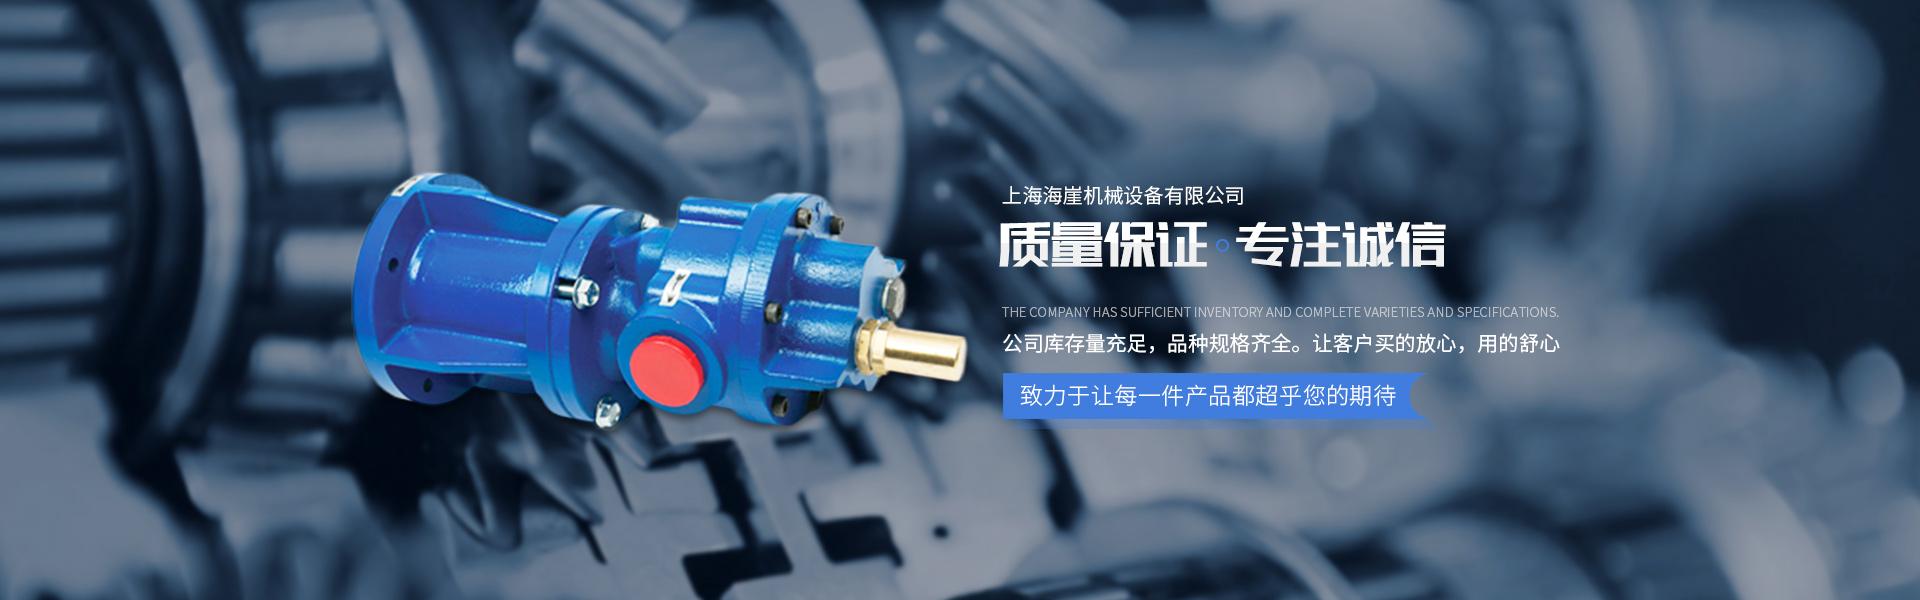 上海海崖机械设备有限公司